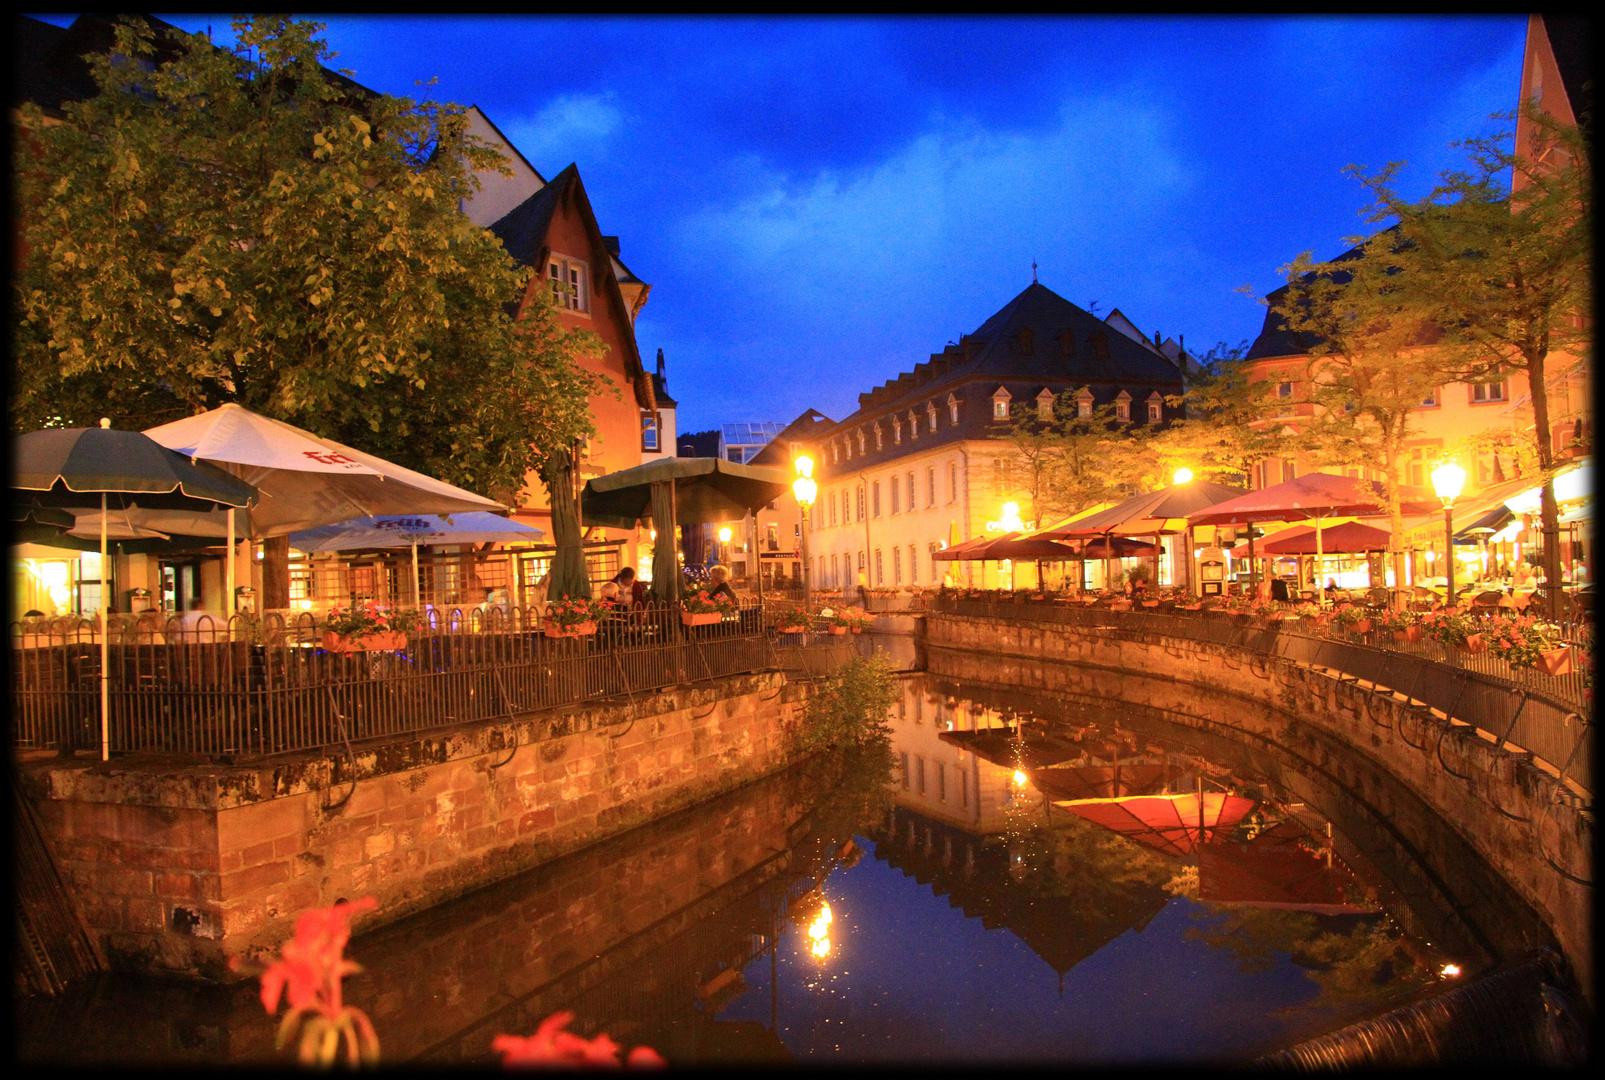 Saarburg am Abend